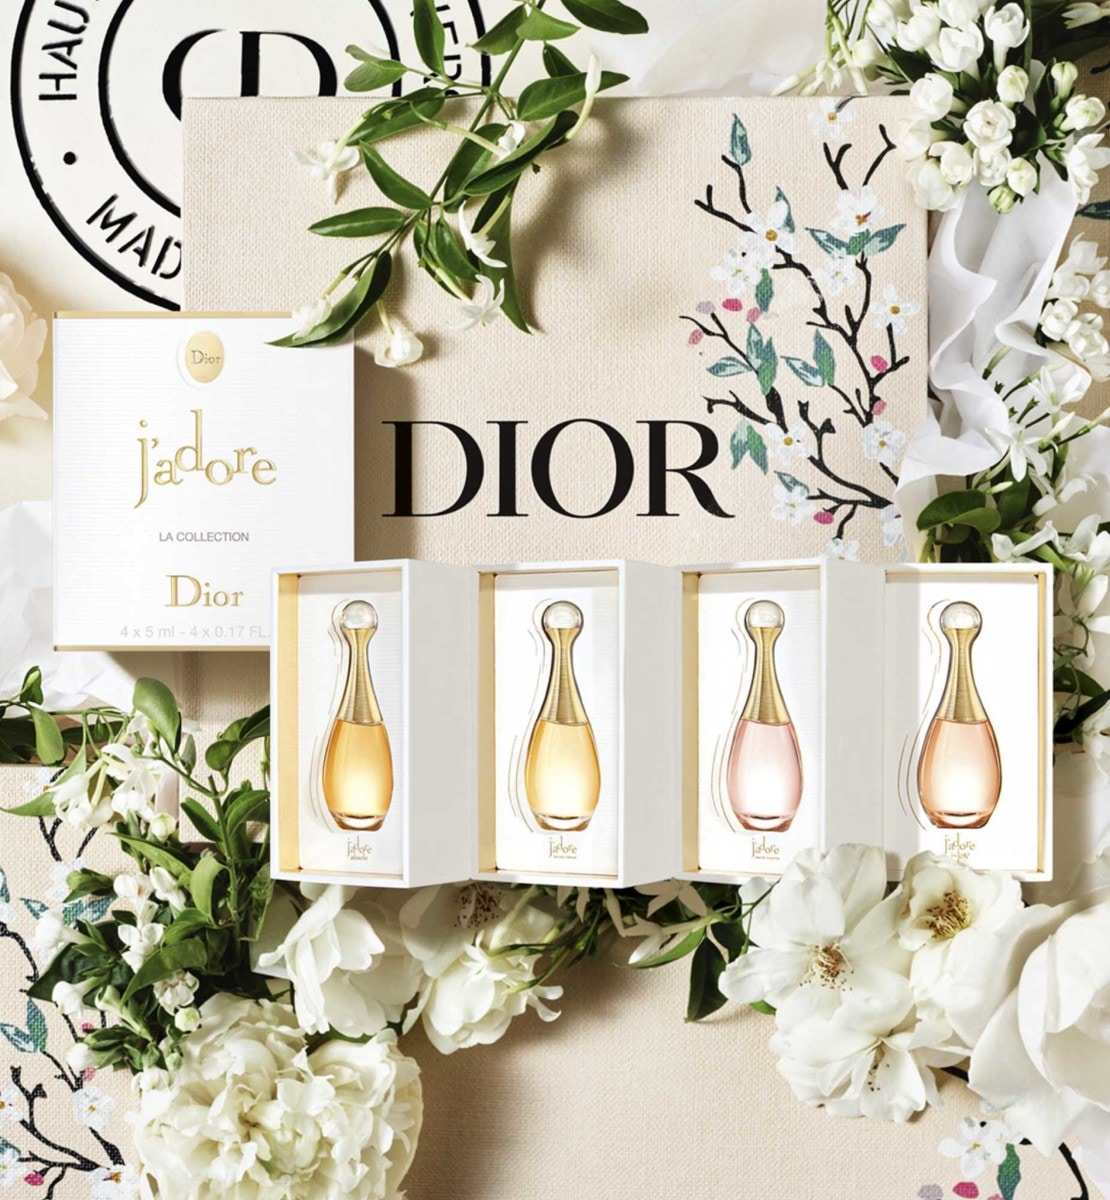 Dior - ジャドール ミニチュア コフレ (数量限定品) ジャドールの人気の4フレグランスのミニチュア セット